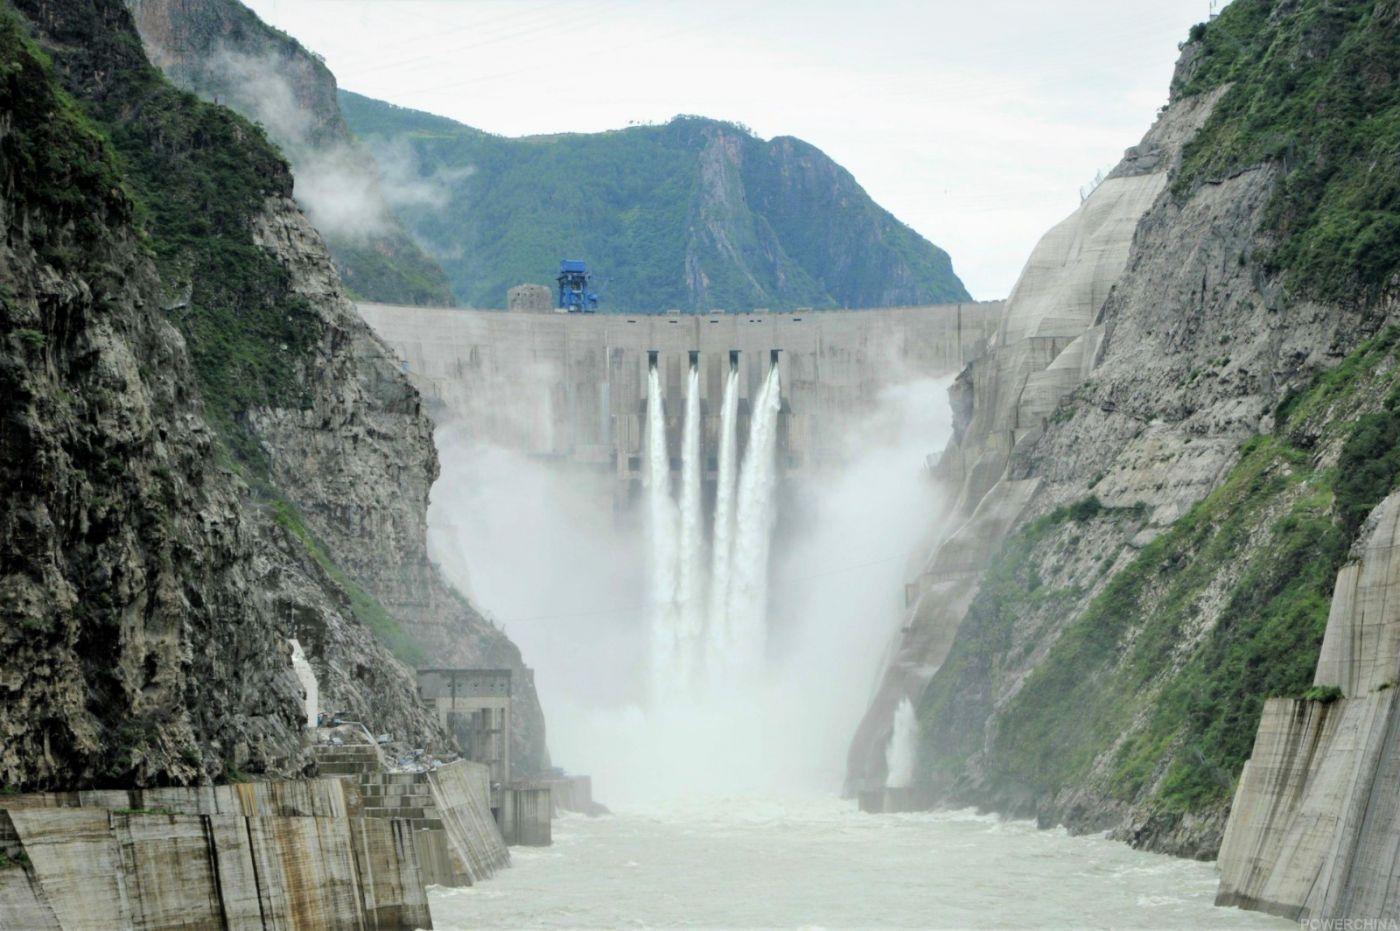 相当于三座三峡电站的水电站即将在四川建成_图1-4